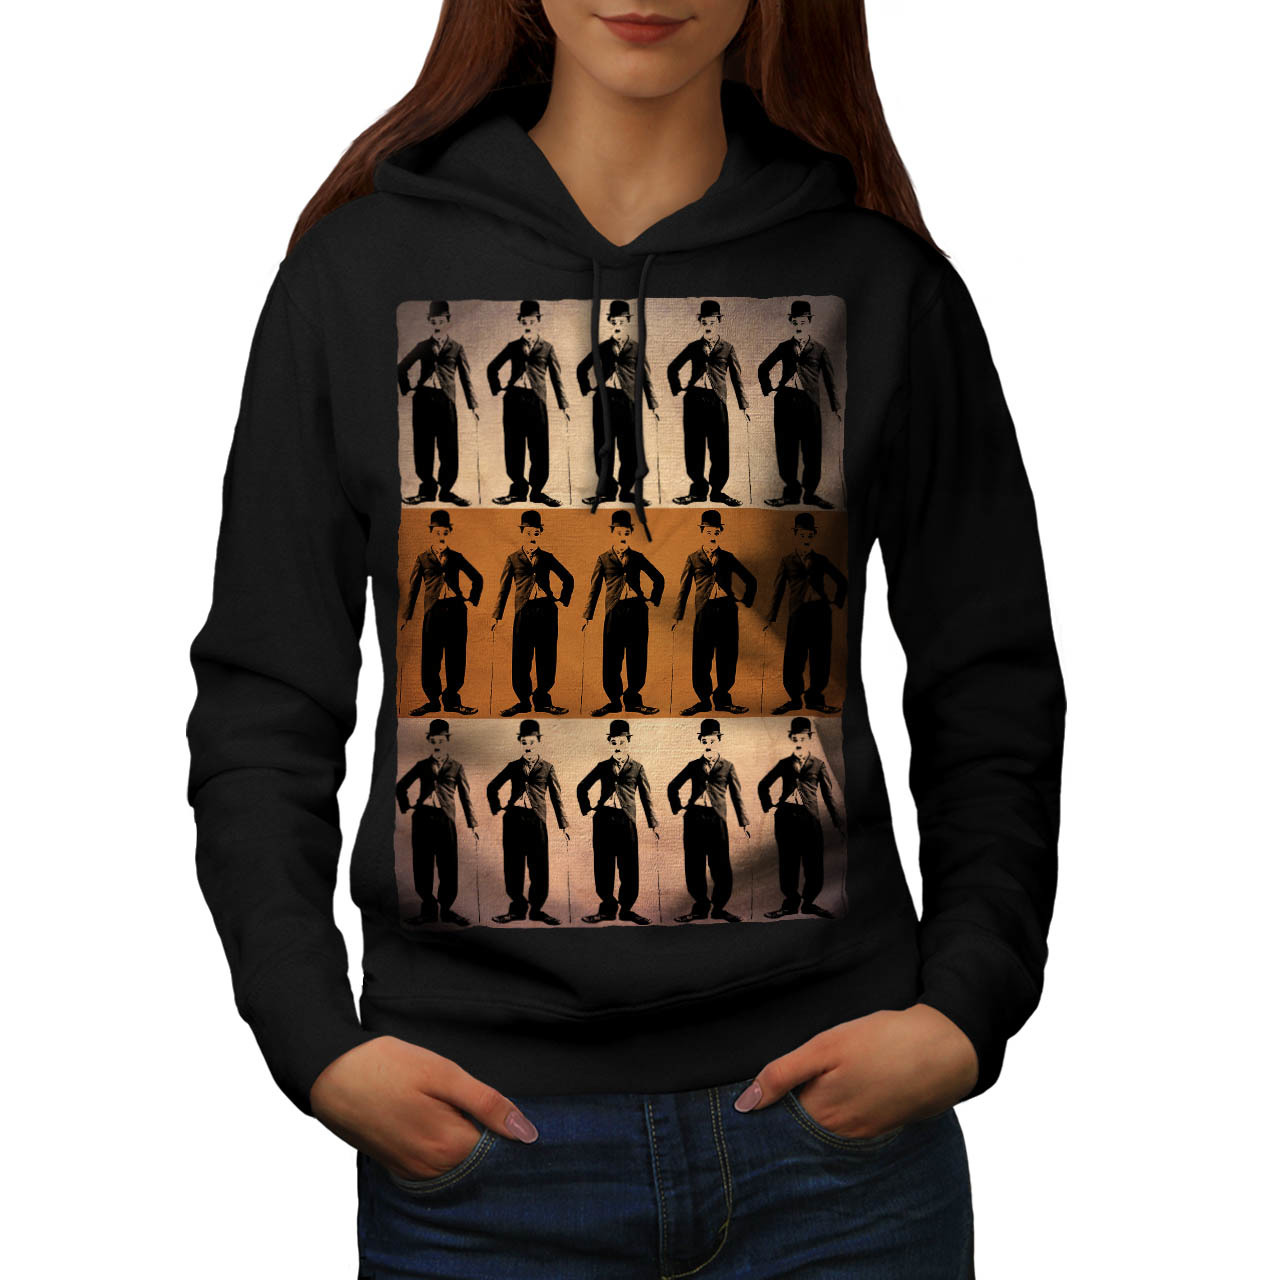 Charlie Chaplin Art Sweatshirt Hoody Star Actor Women Hoodie - $22.99 - $23.99